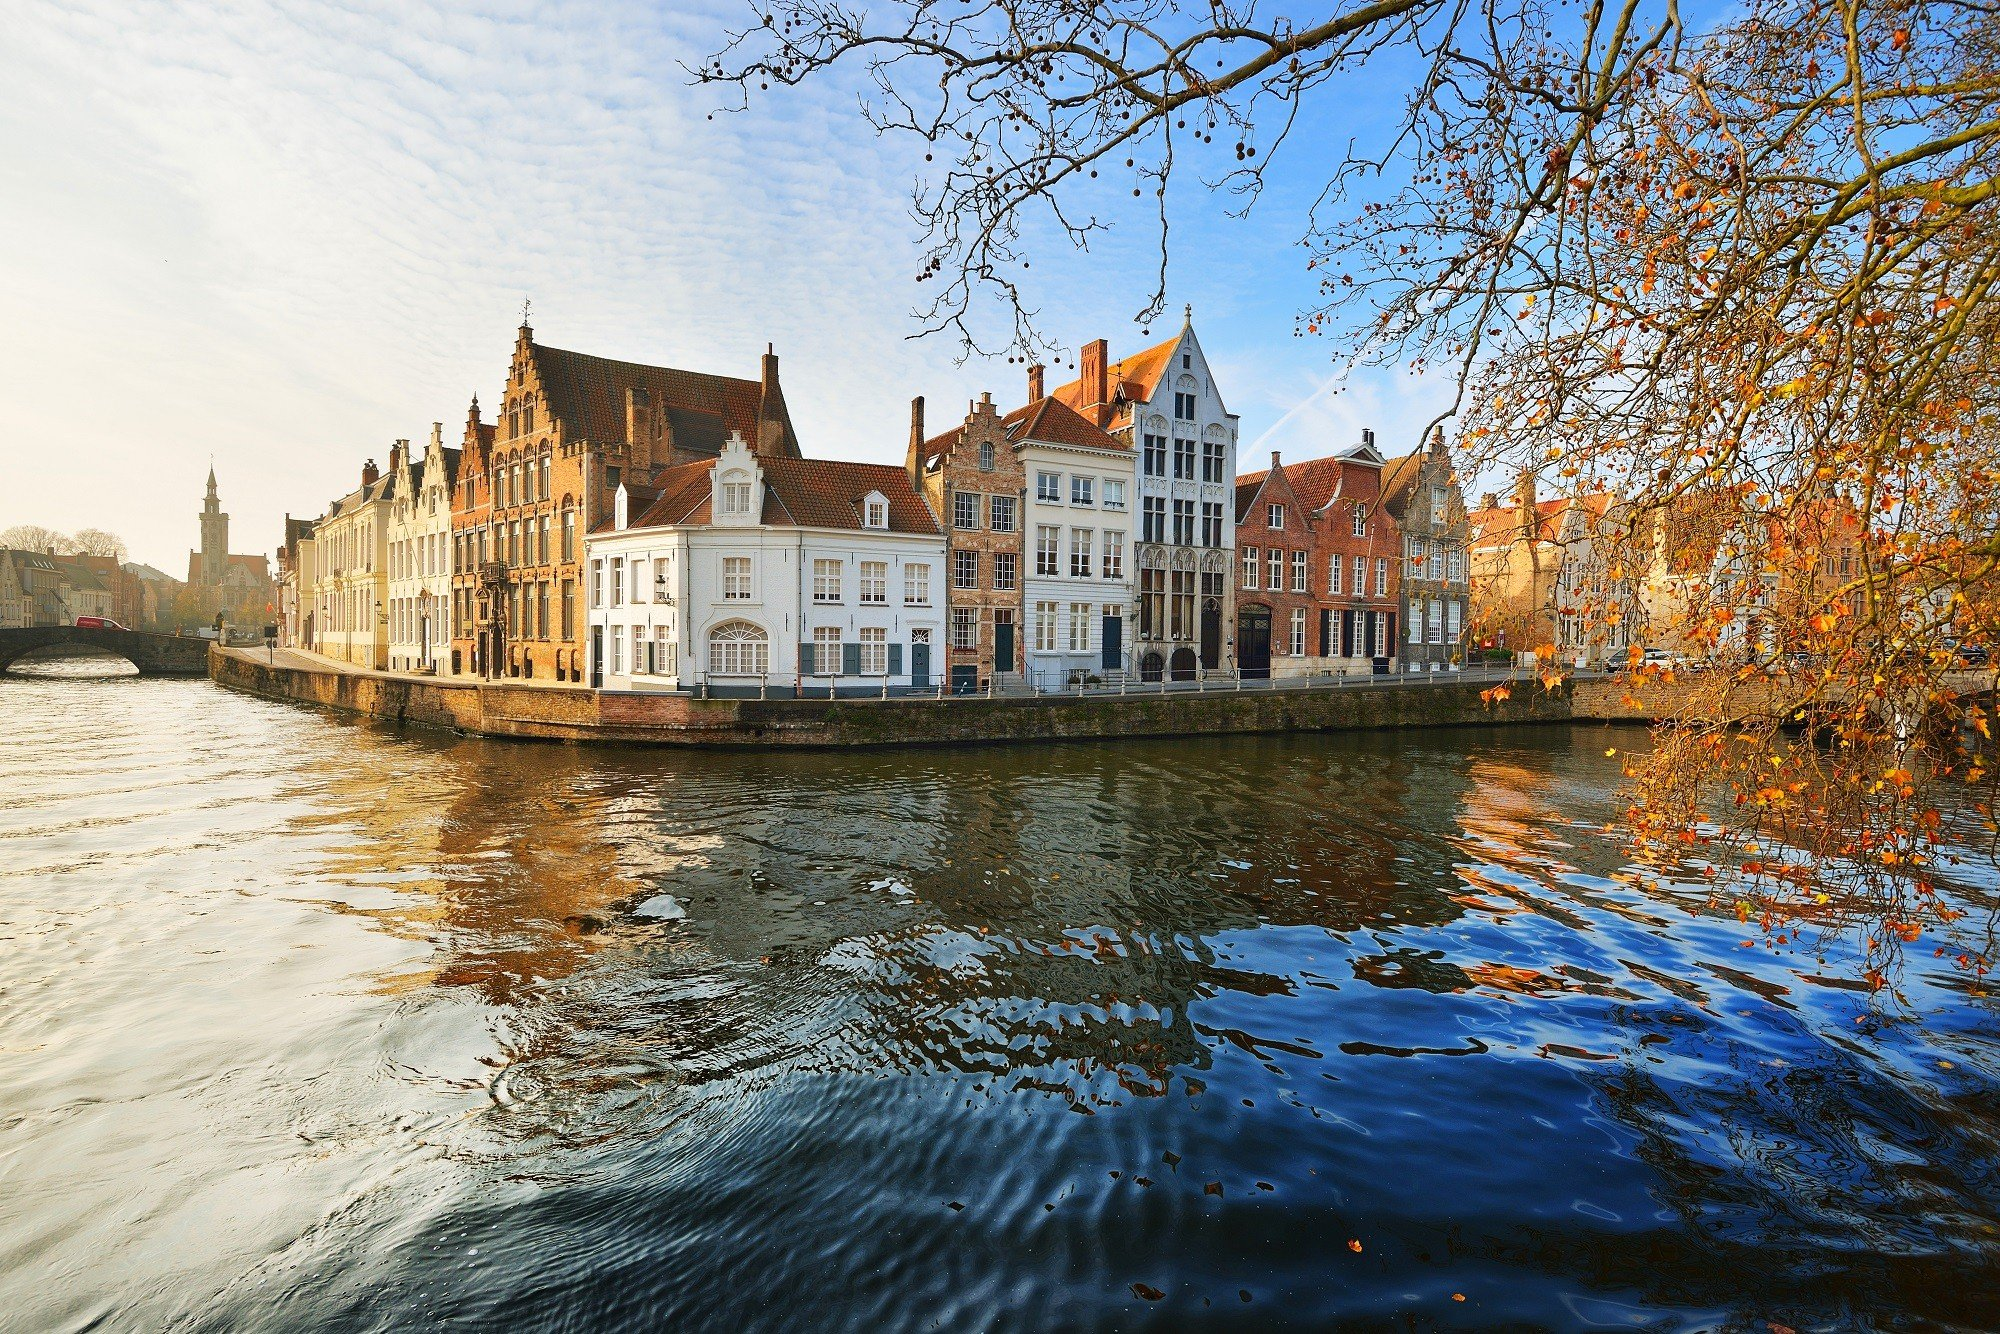 3 dagen in luxe voormalig kloosterhotel in hartje Brugge incl. ontbijt